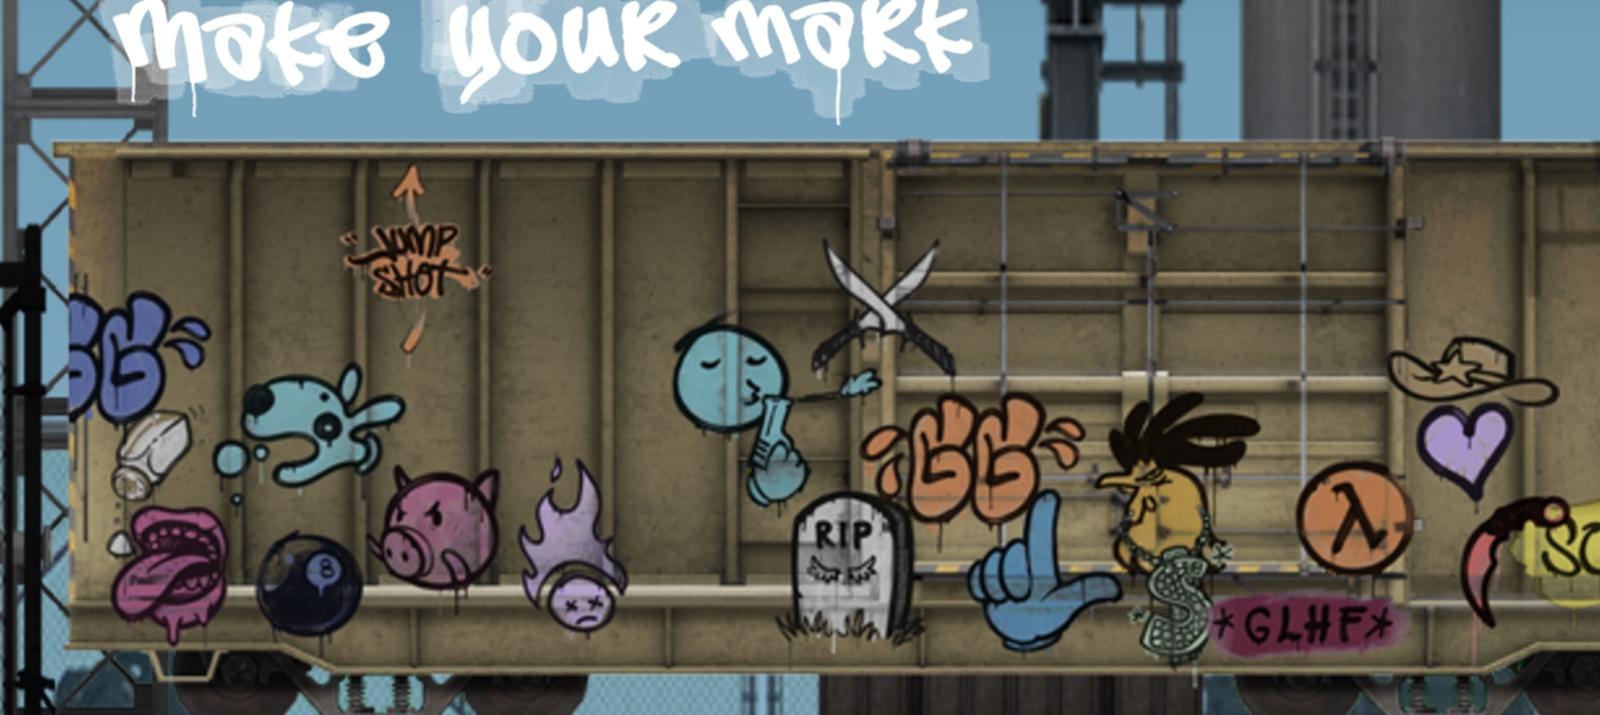 Как сделать граффити для кс го